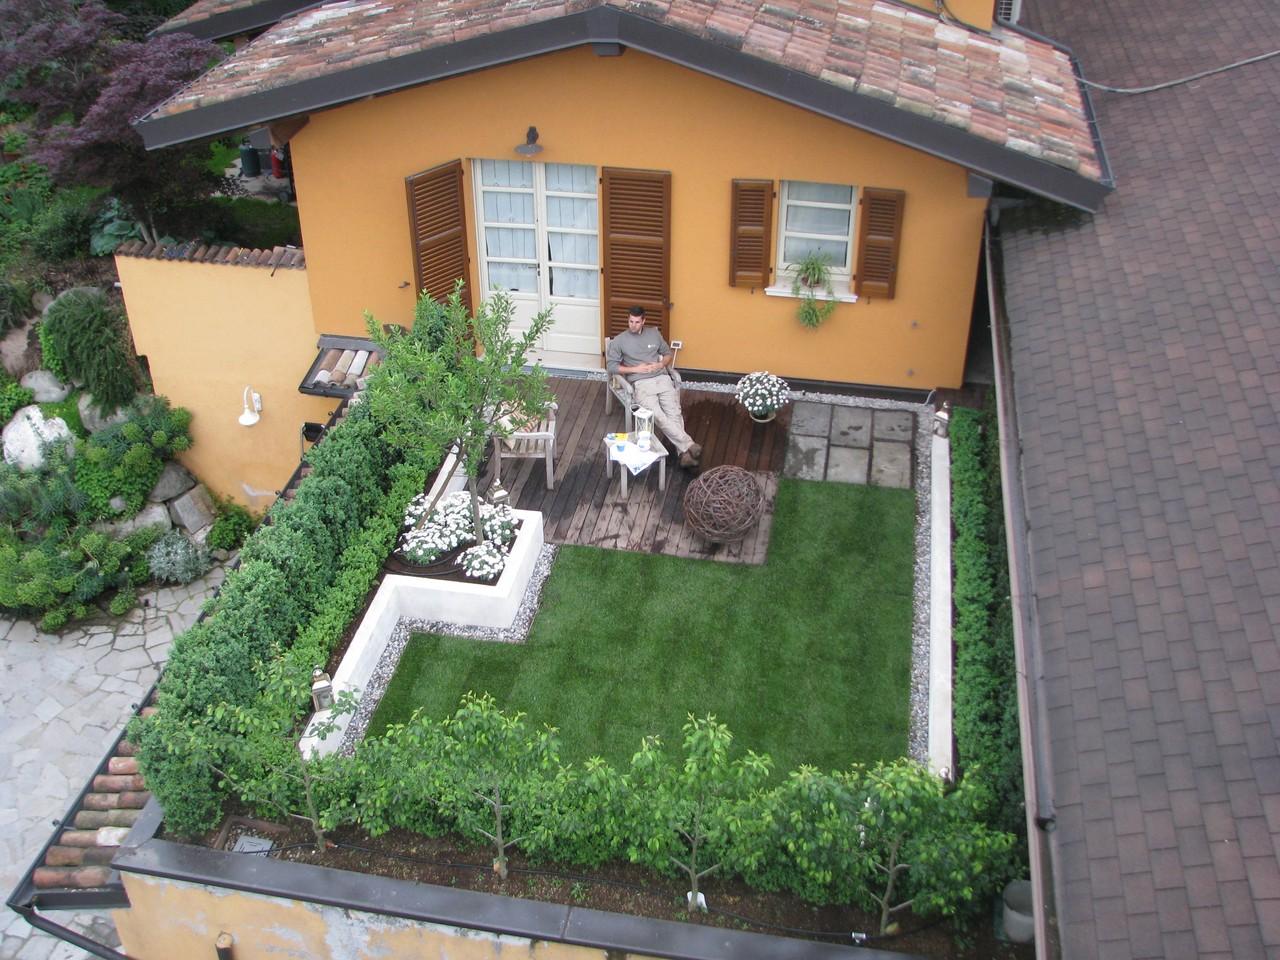 Terrazza a Brescia (Giardino Pensile)  I nostri lavori  Grechi Giardini